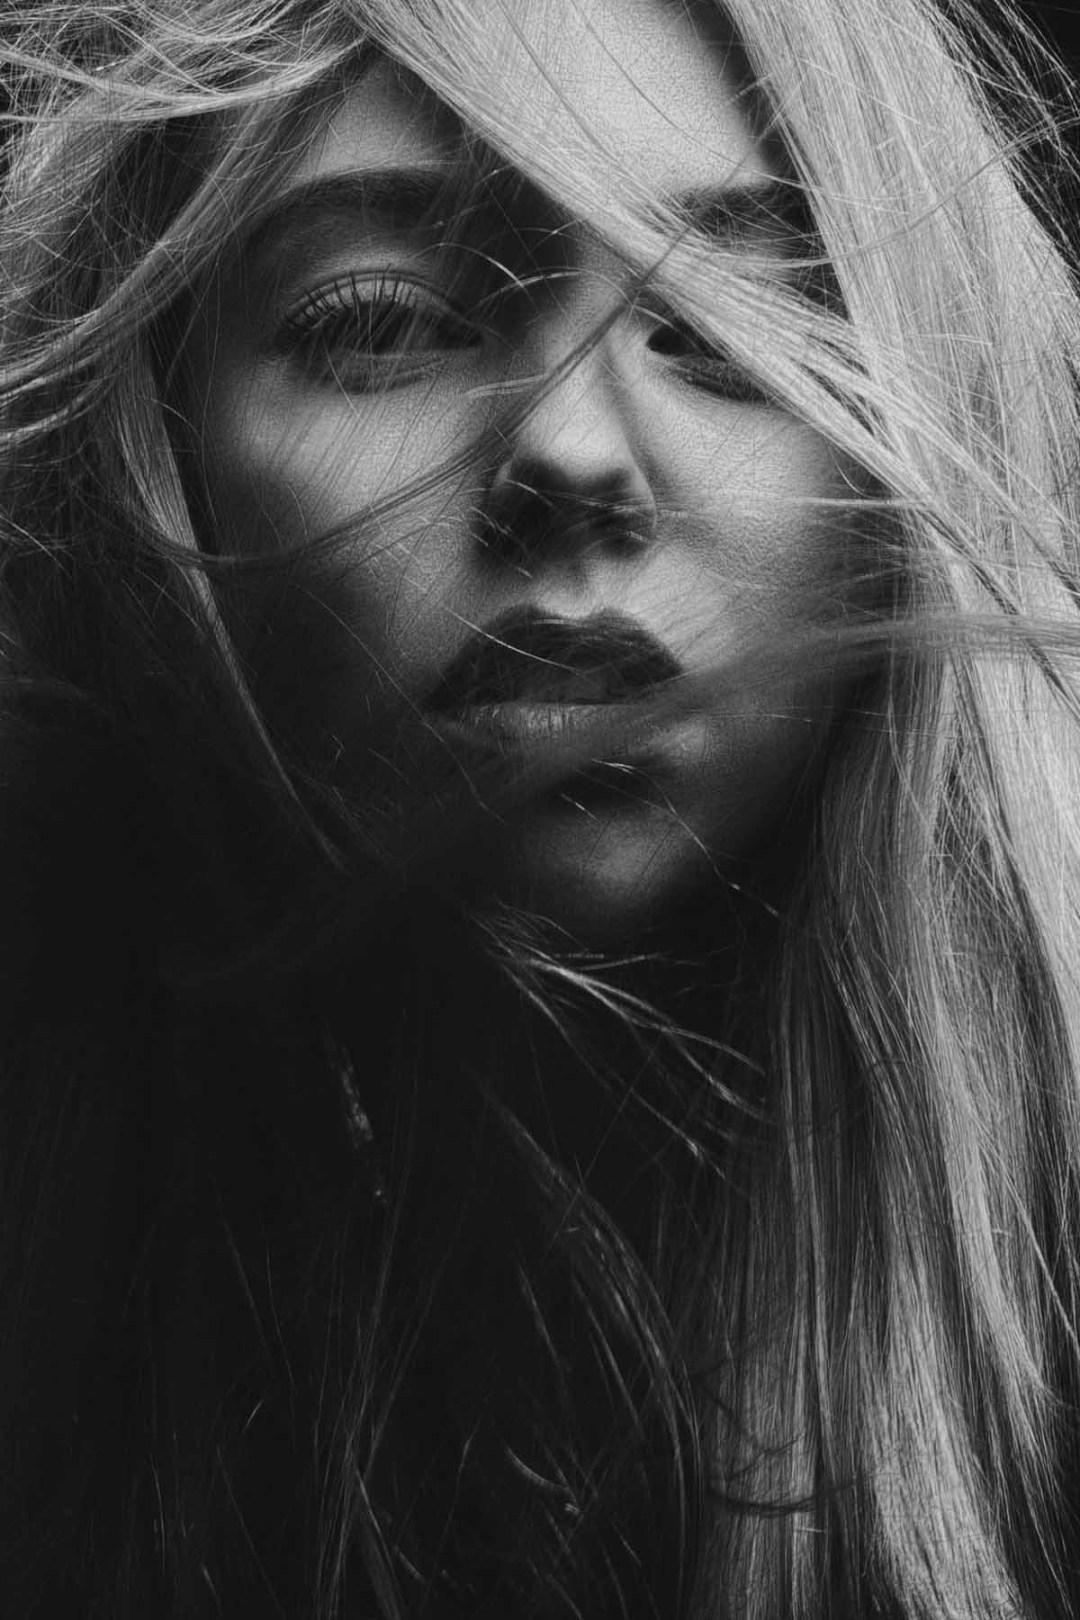 Portrætfotograf – Personligt portrætfoto